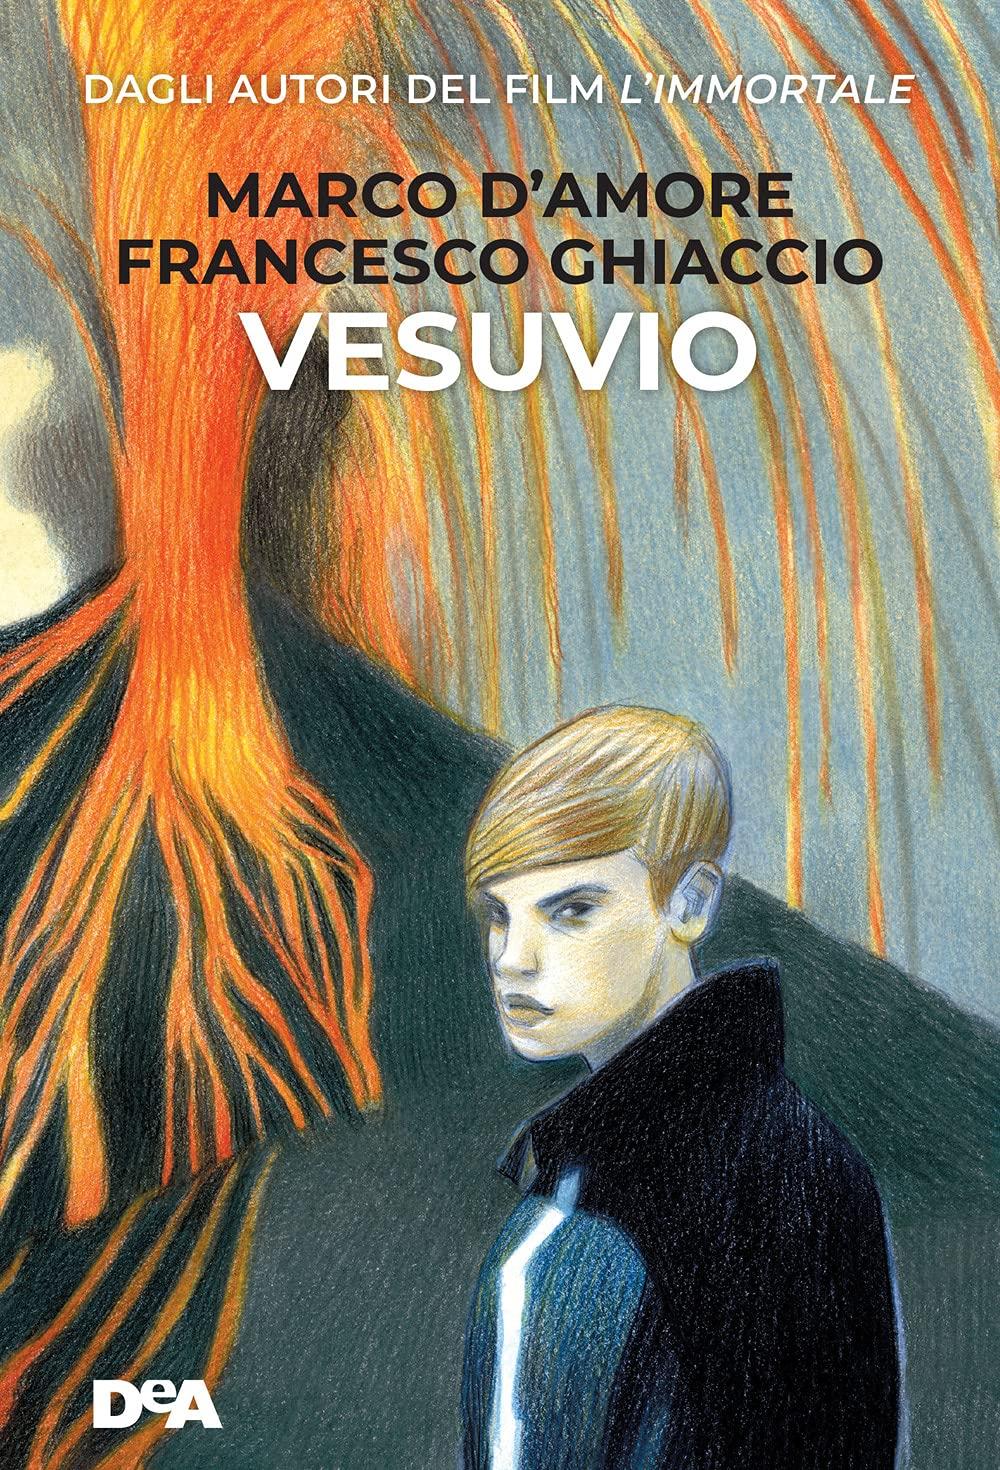 Recensione di Vesuvio – Marco D'Amore – Francesco Ghiaccio